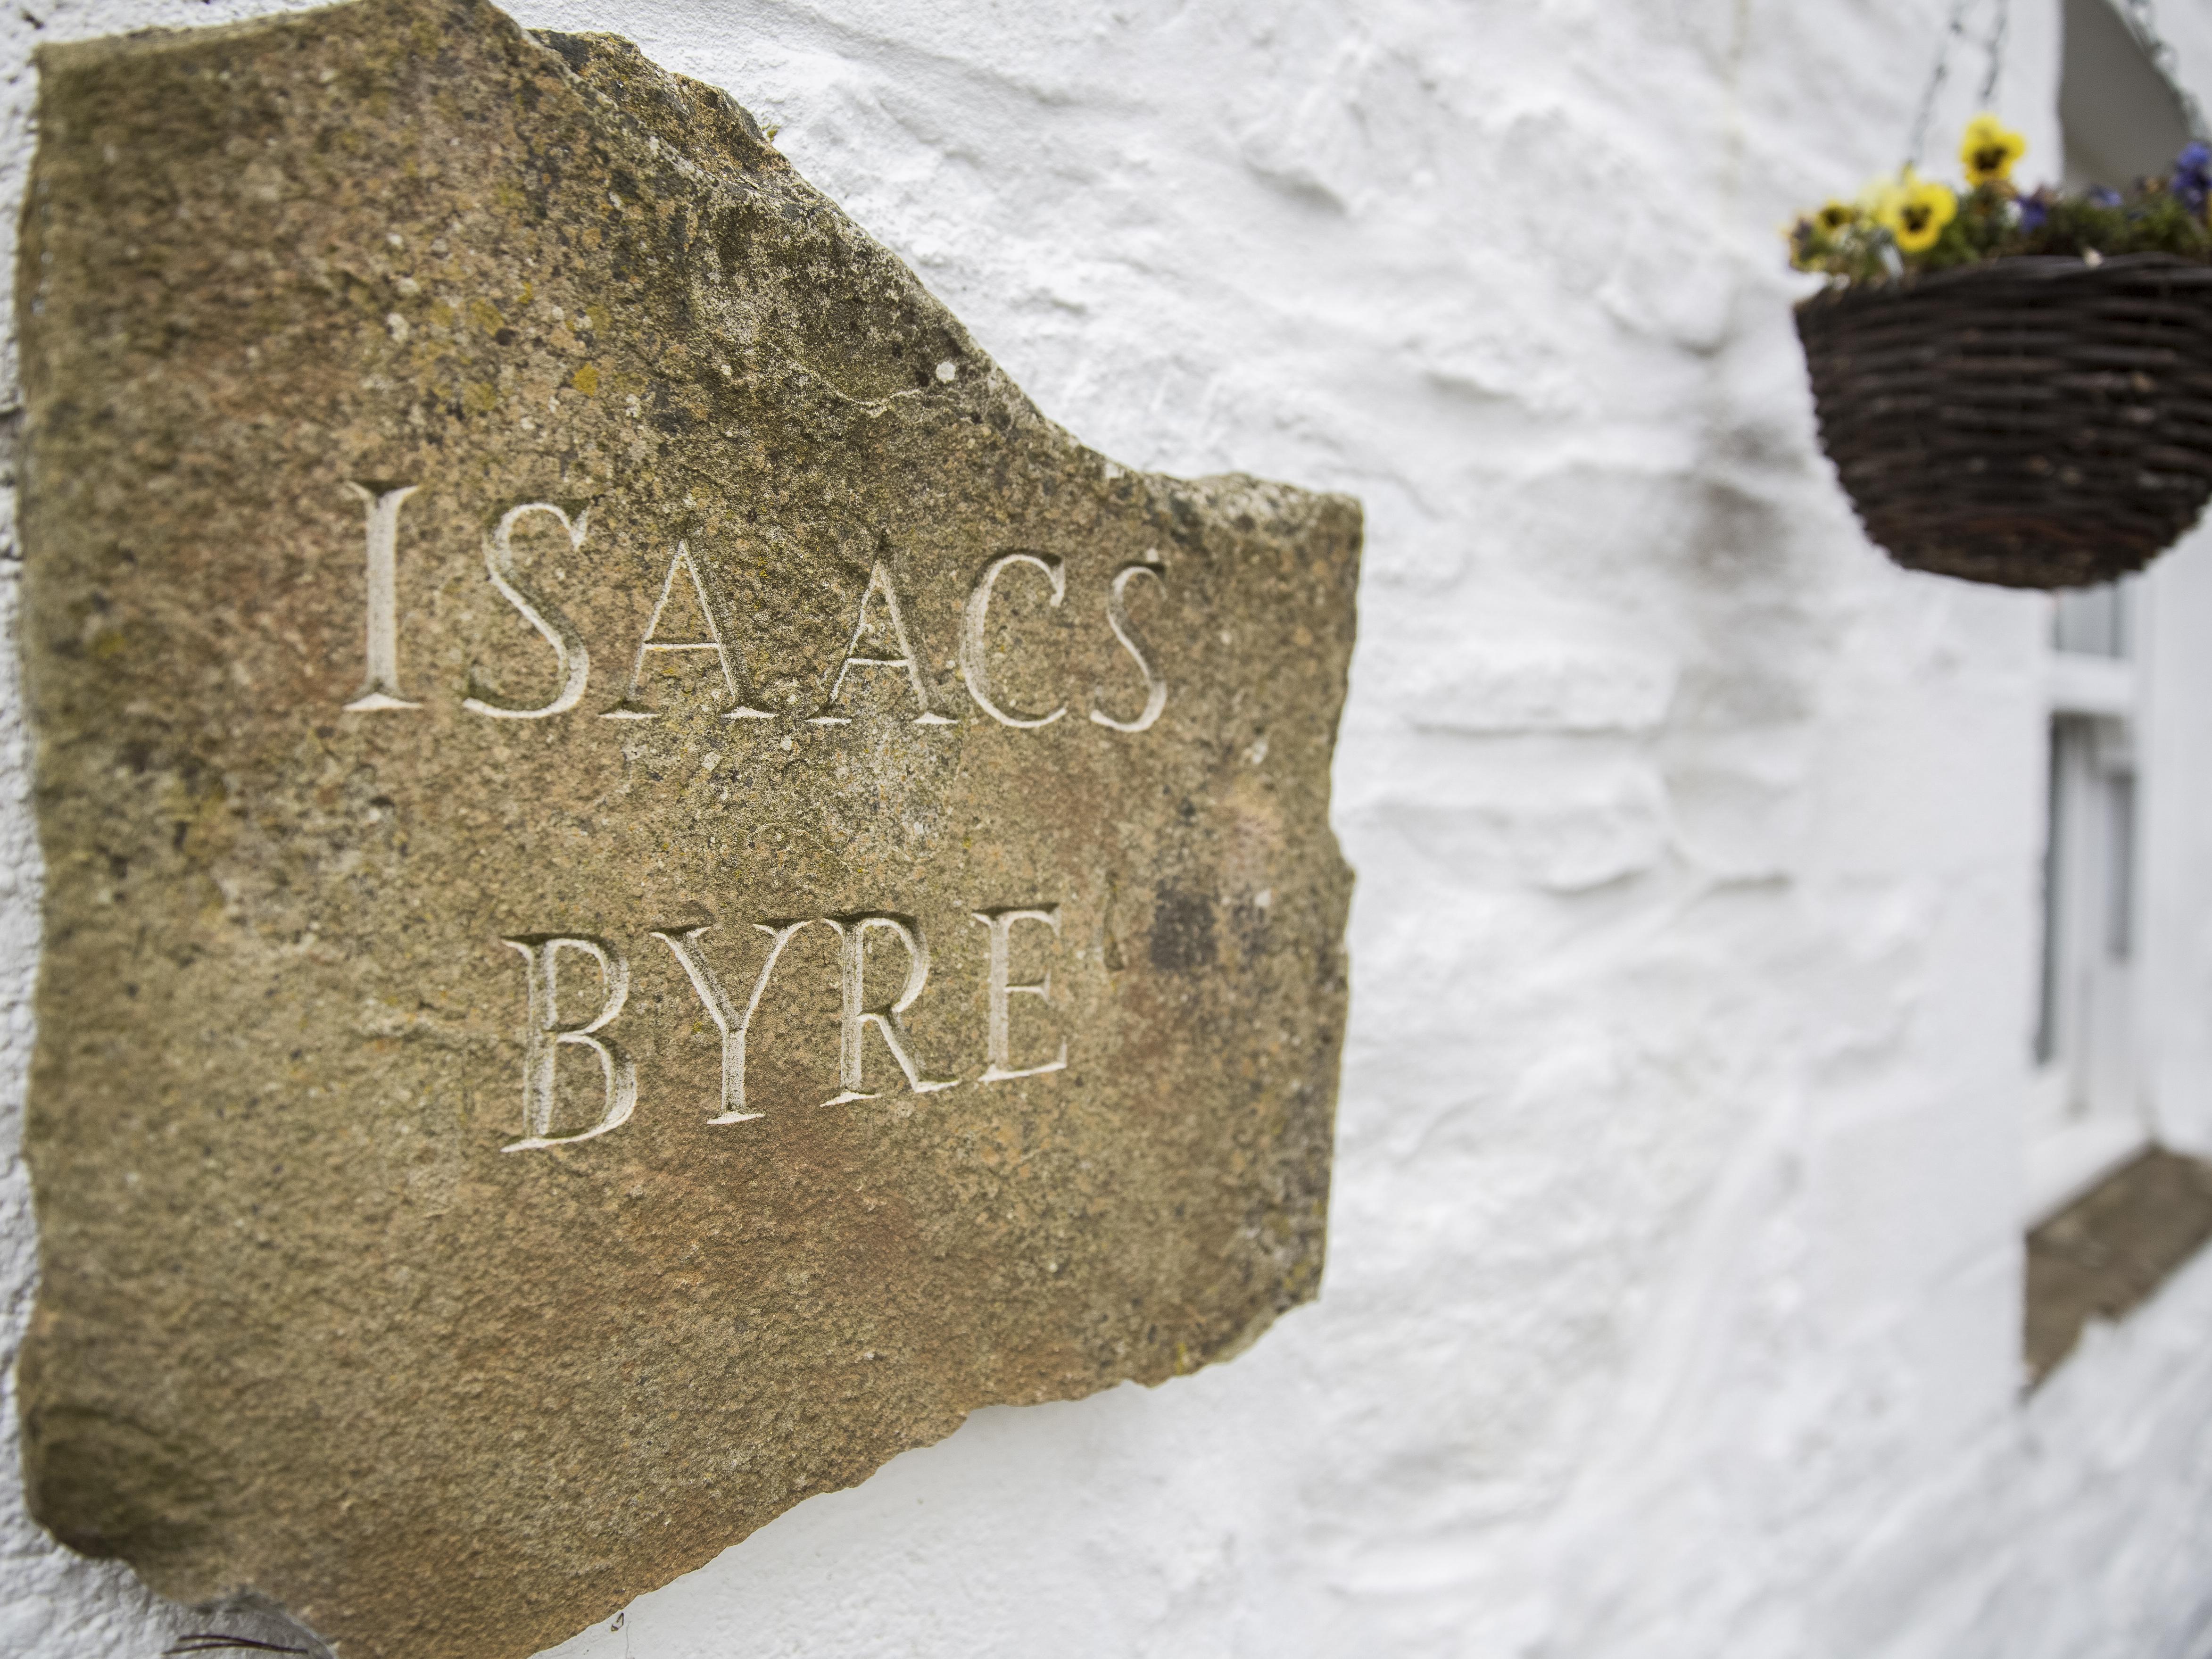 Isaacs Byre